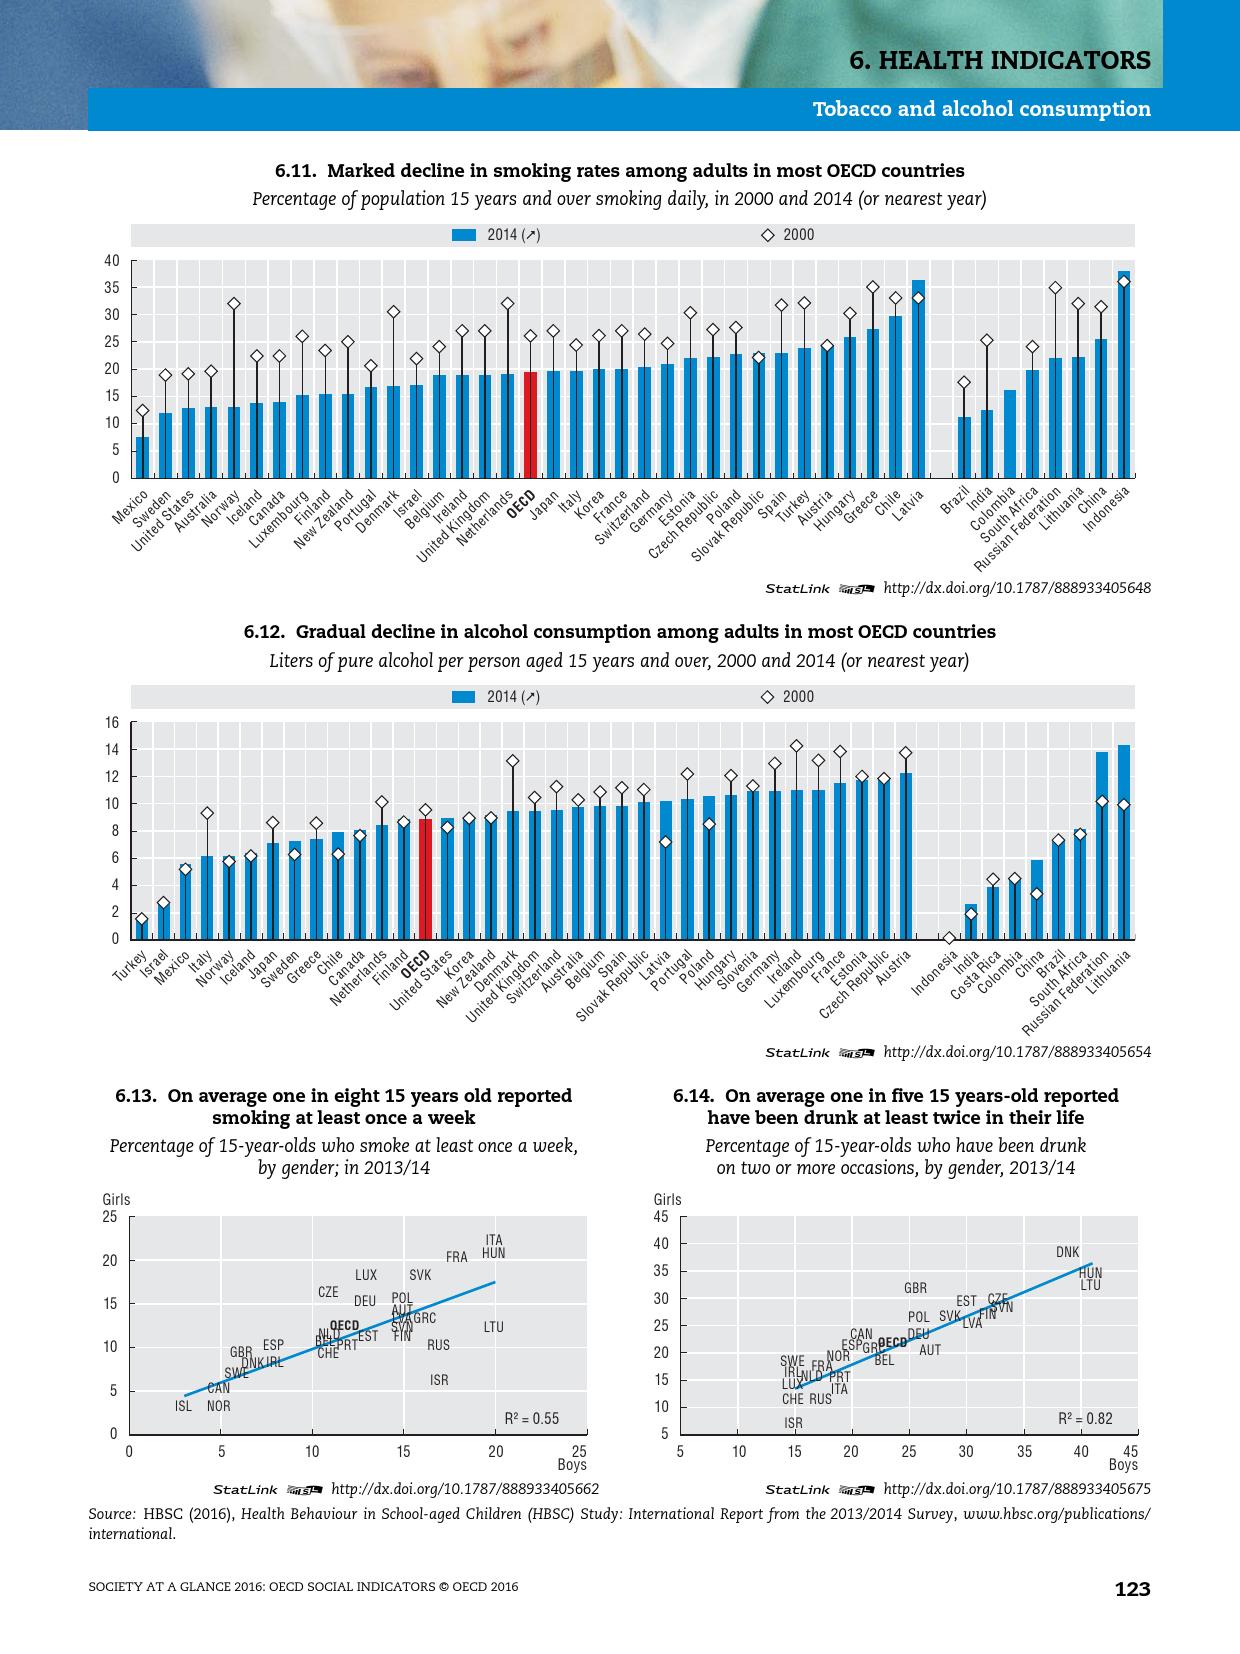 2016年OECD国家社会概览报告_000125